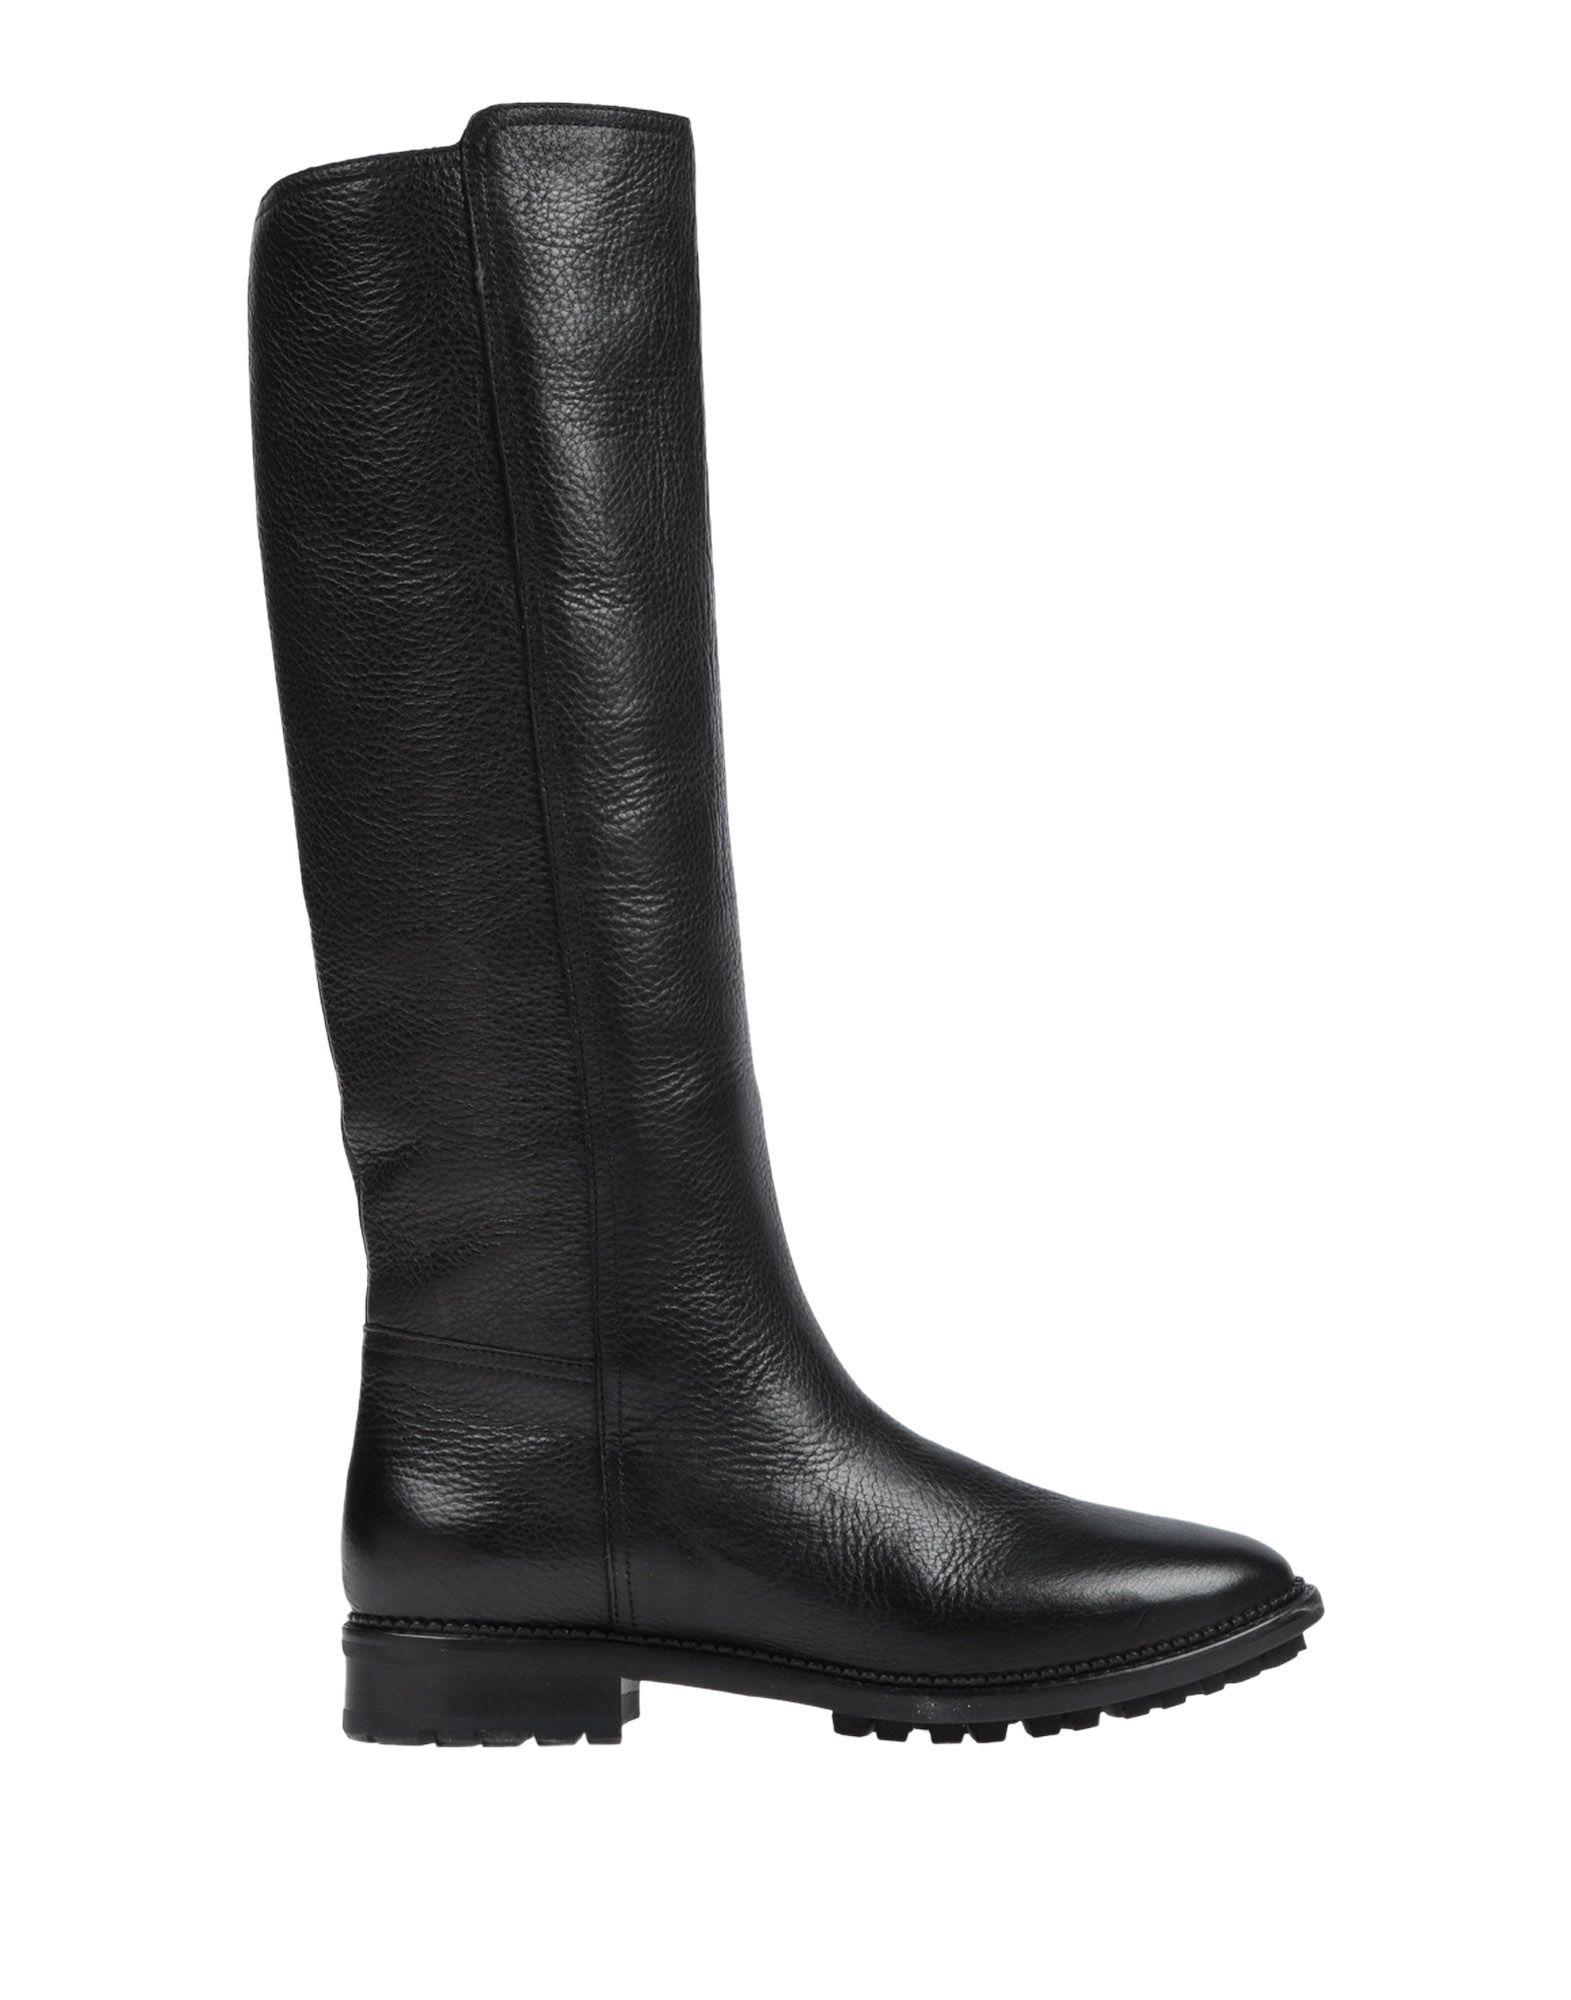 Rabatt Schuhe L' Autre Chose Chose Chose Stiefel Damen  11528283HH f9598d